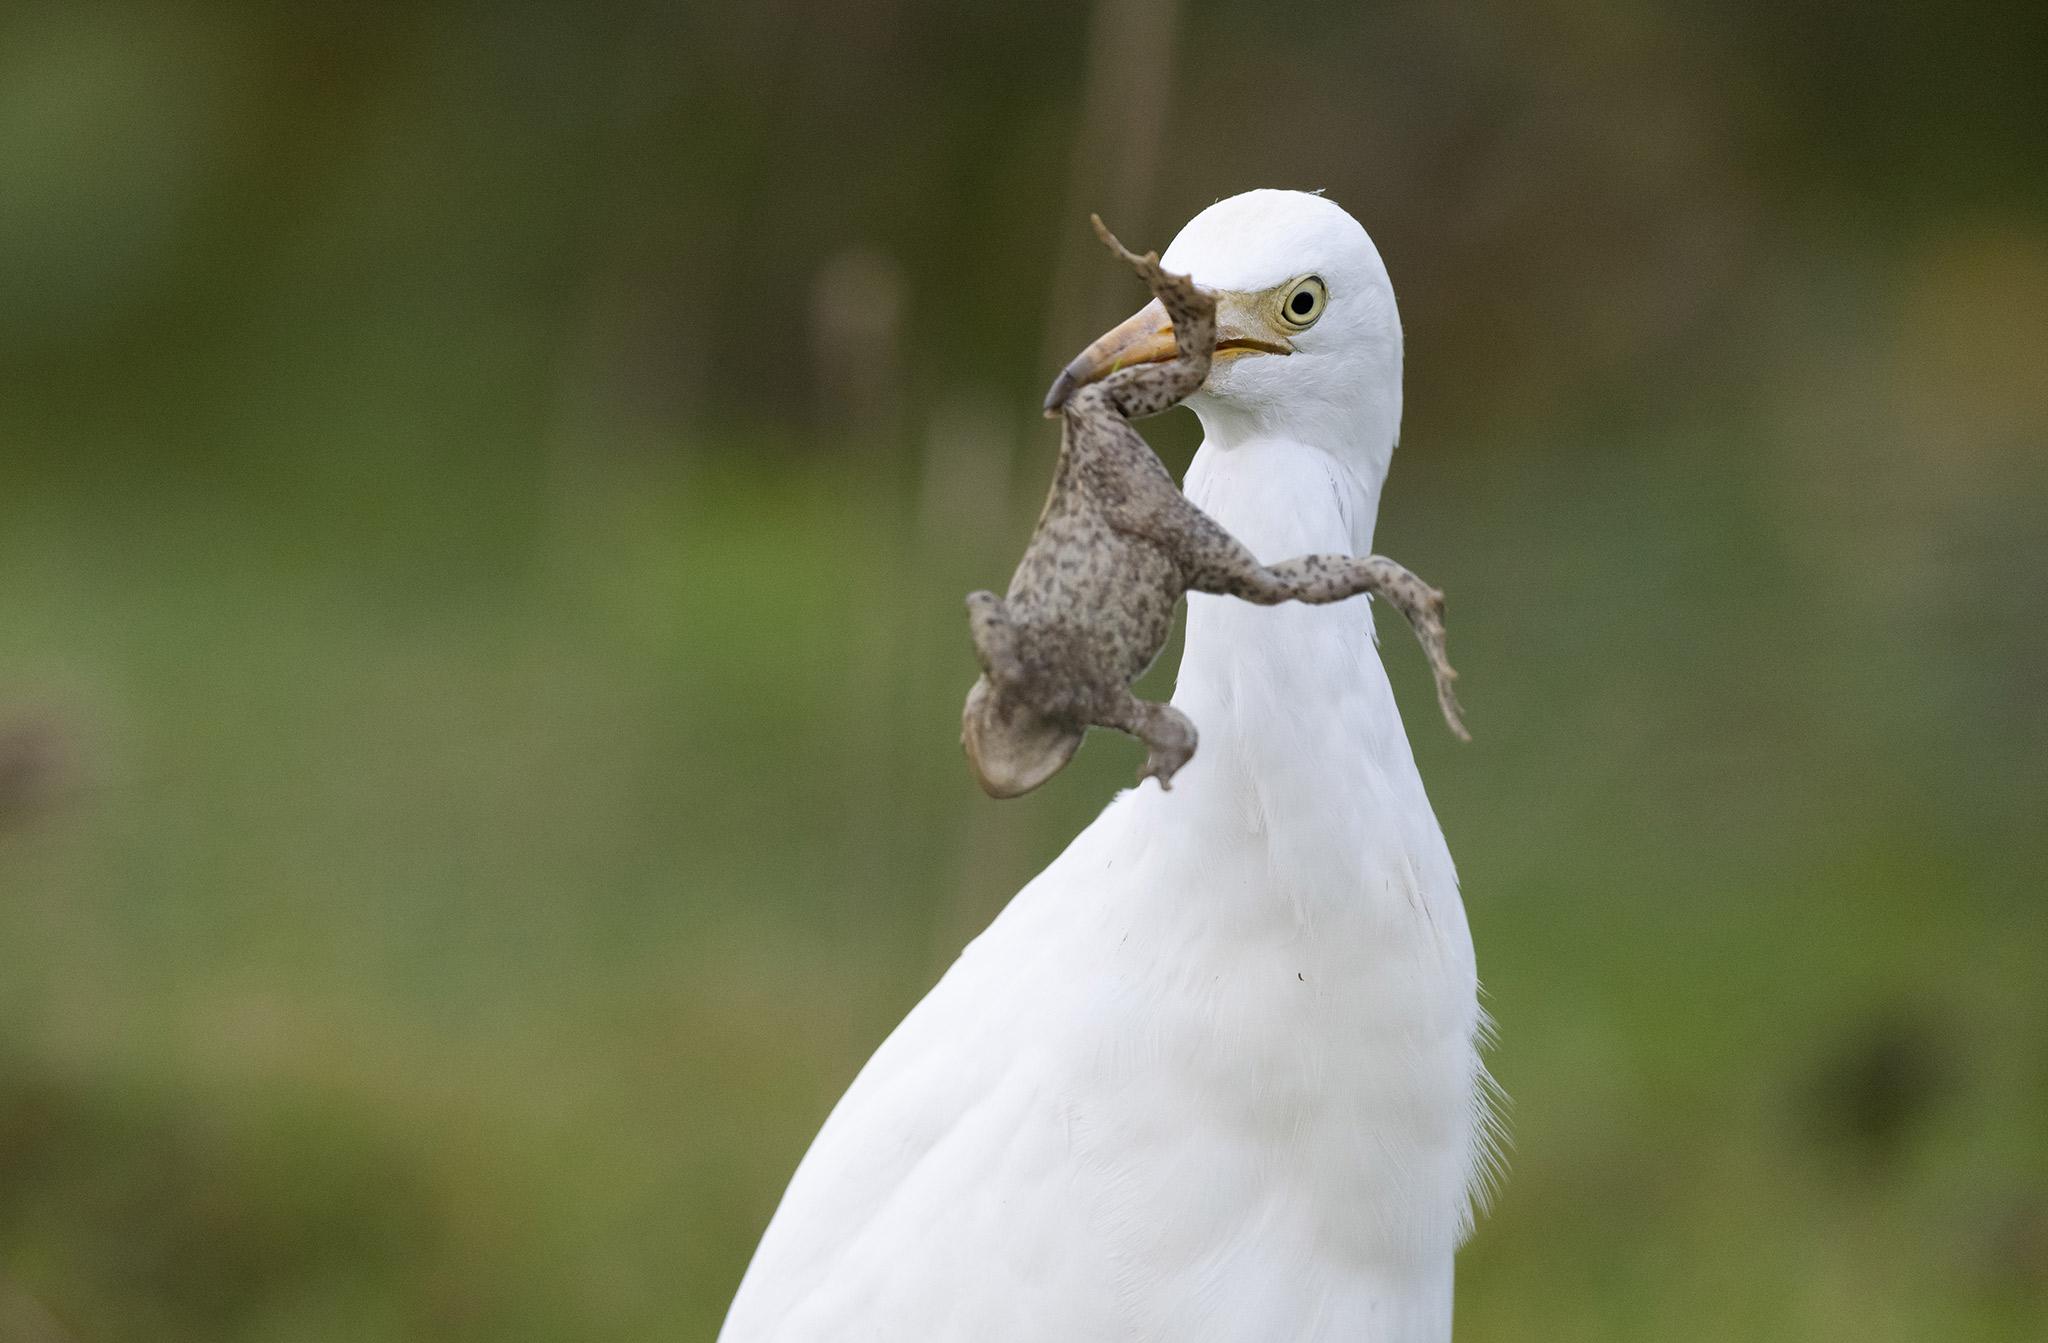 Héron garde-boeufs (Bubulcus ibis) - Baie de Somme - Hauts de France - France